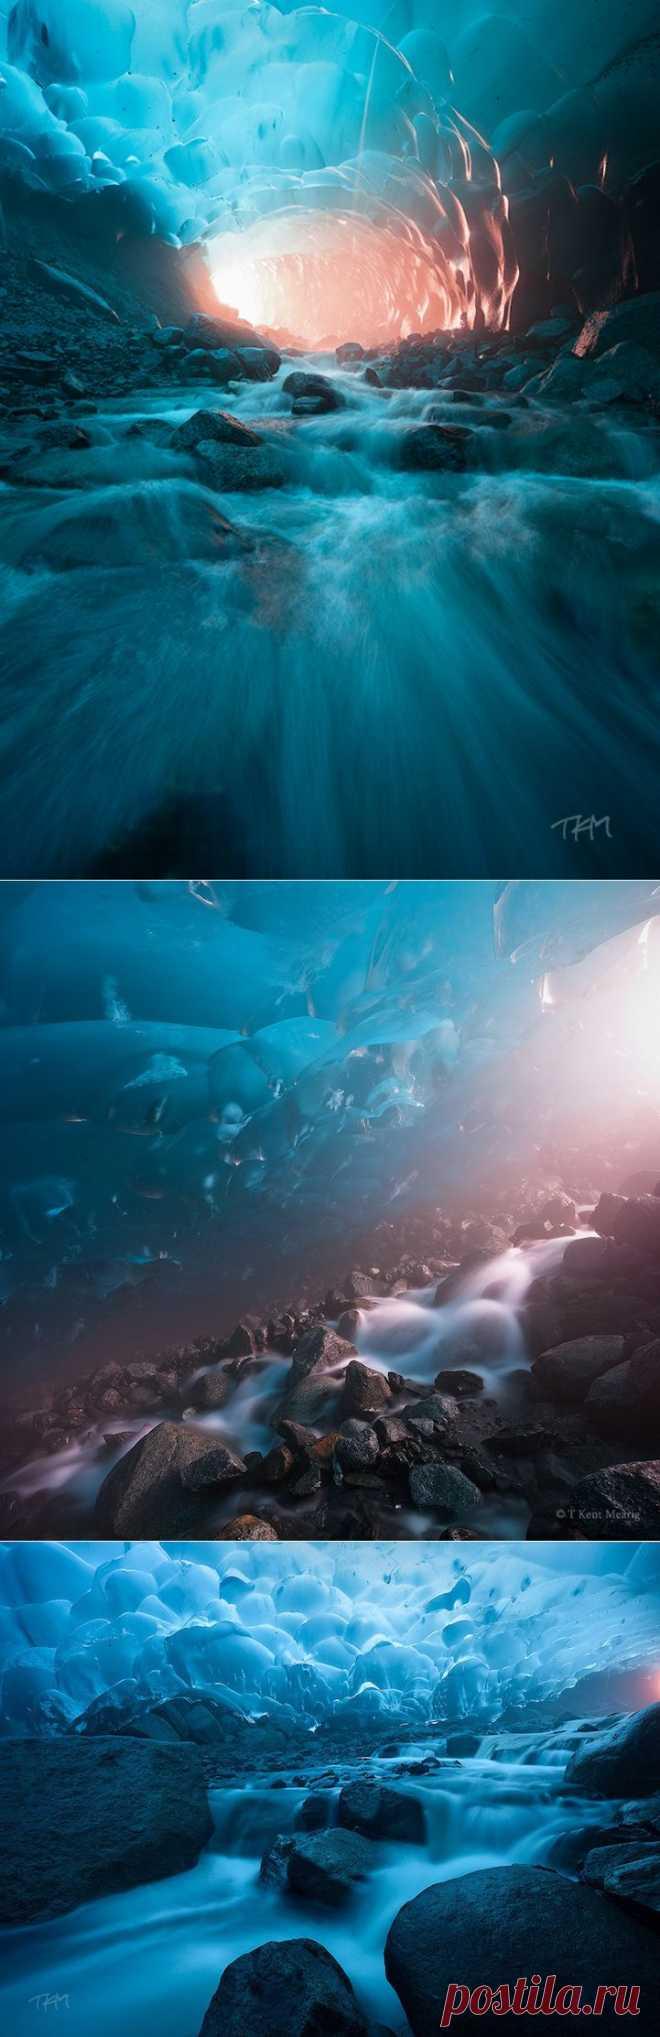 Лучшие фотографии со всего света - Фантастические миры в глубинах ледника Менденхолл